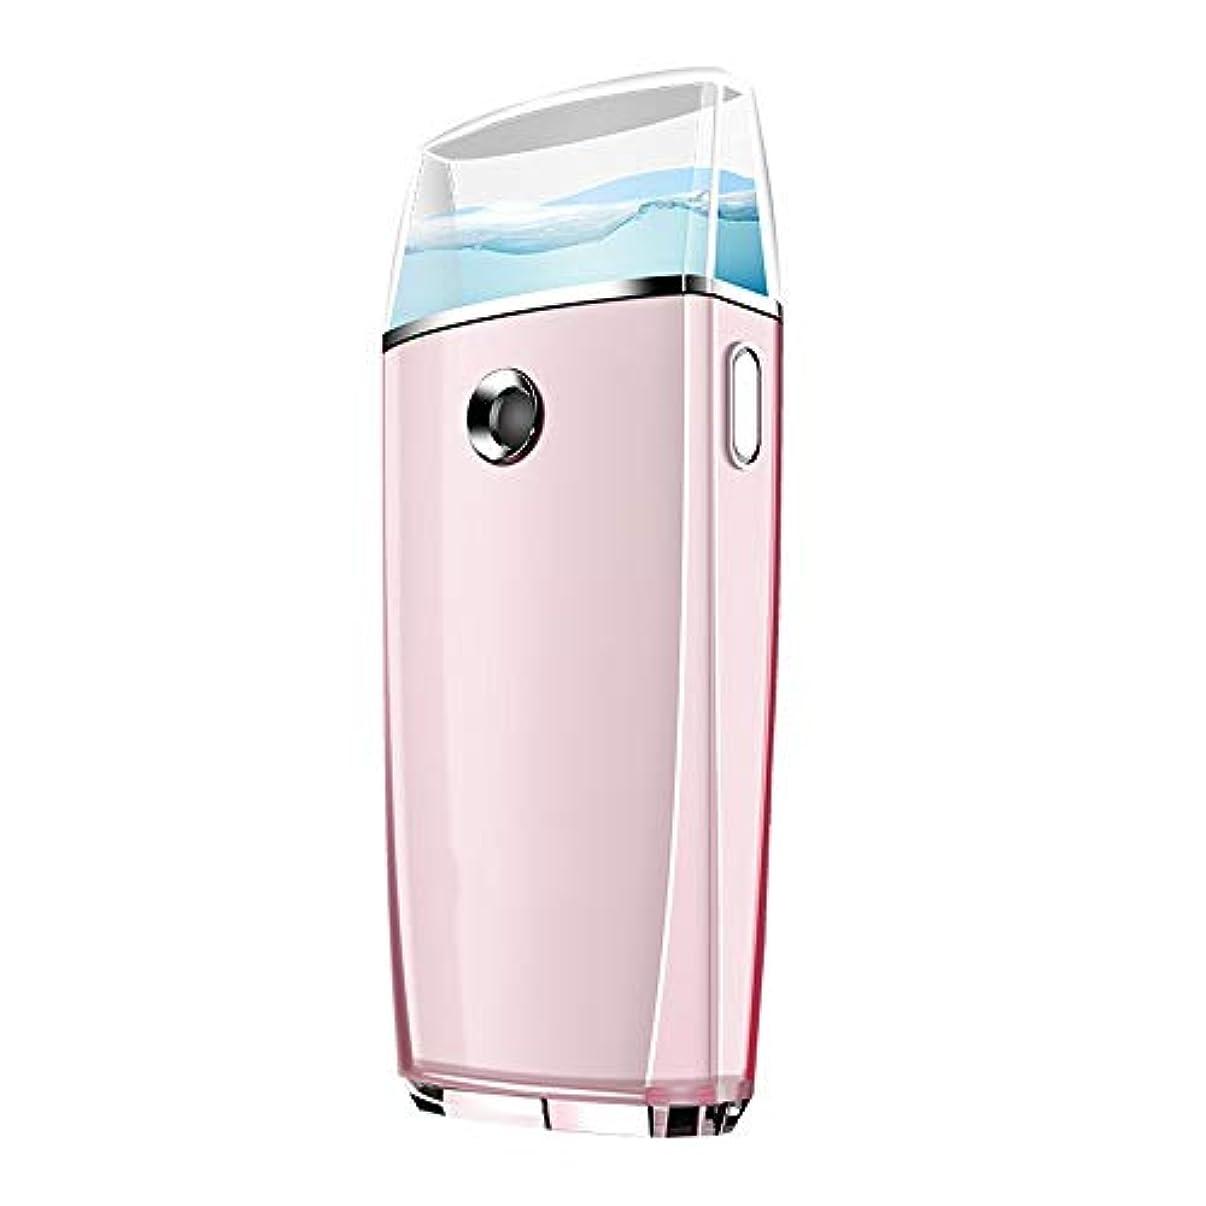 クラスバルクしなやかZXF ナノスプレー水道メーターポータブル顔美容機器充電表面コールドスプレー機スプレー2ピンクモデルグリーンモデル 滑らかである (色 : Pink)